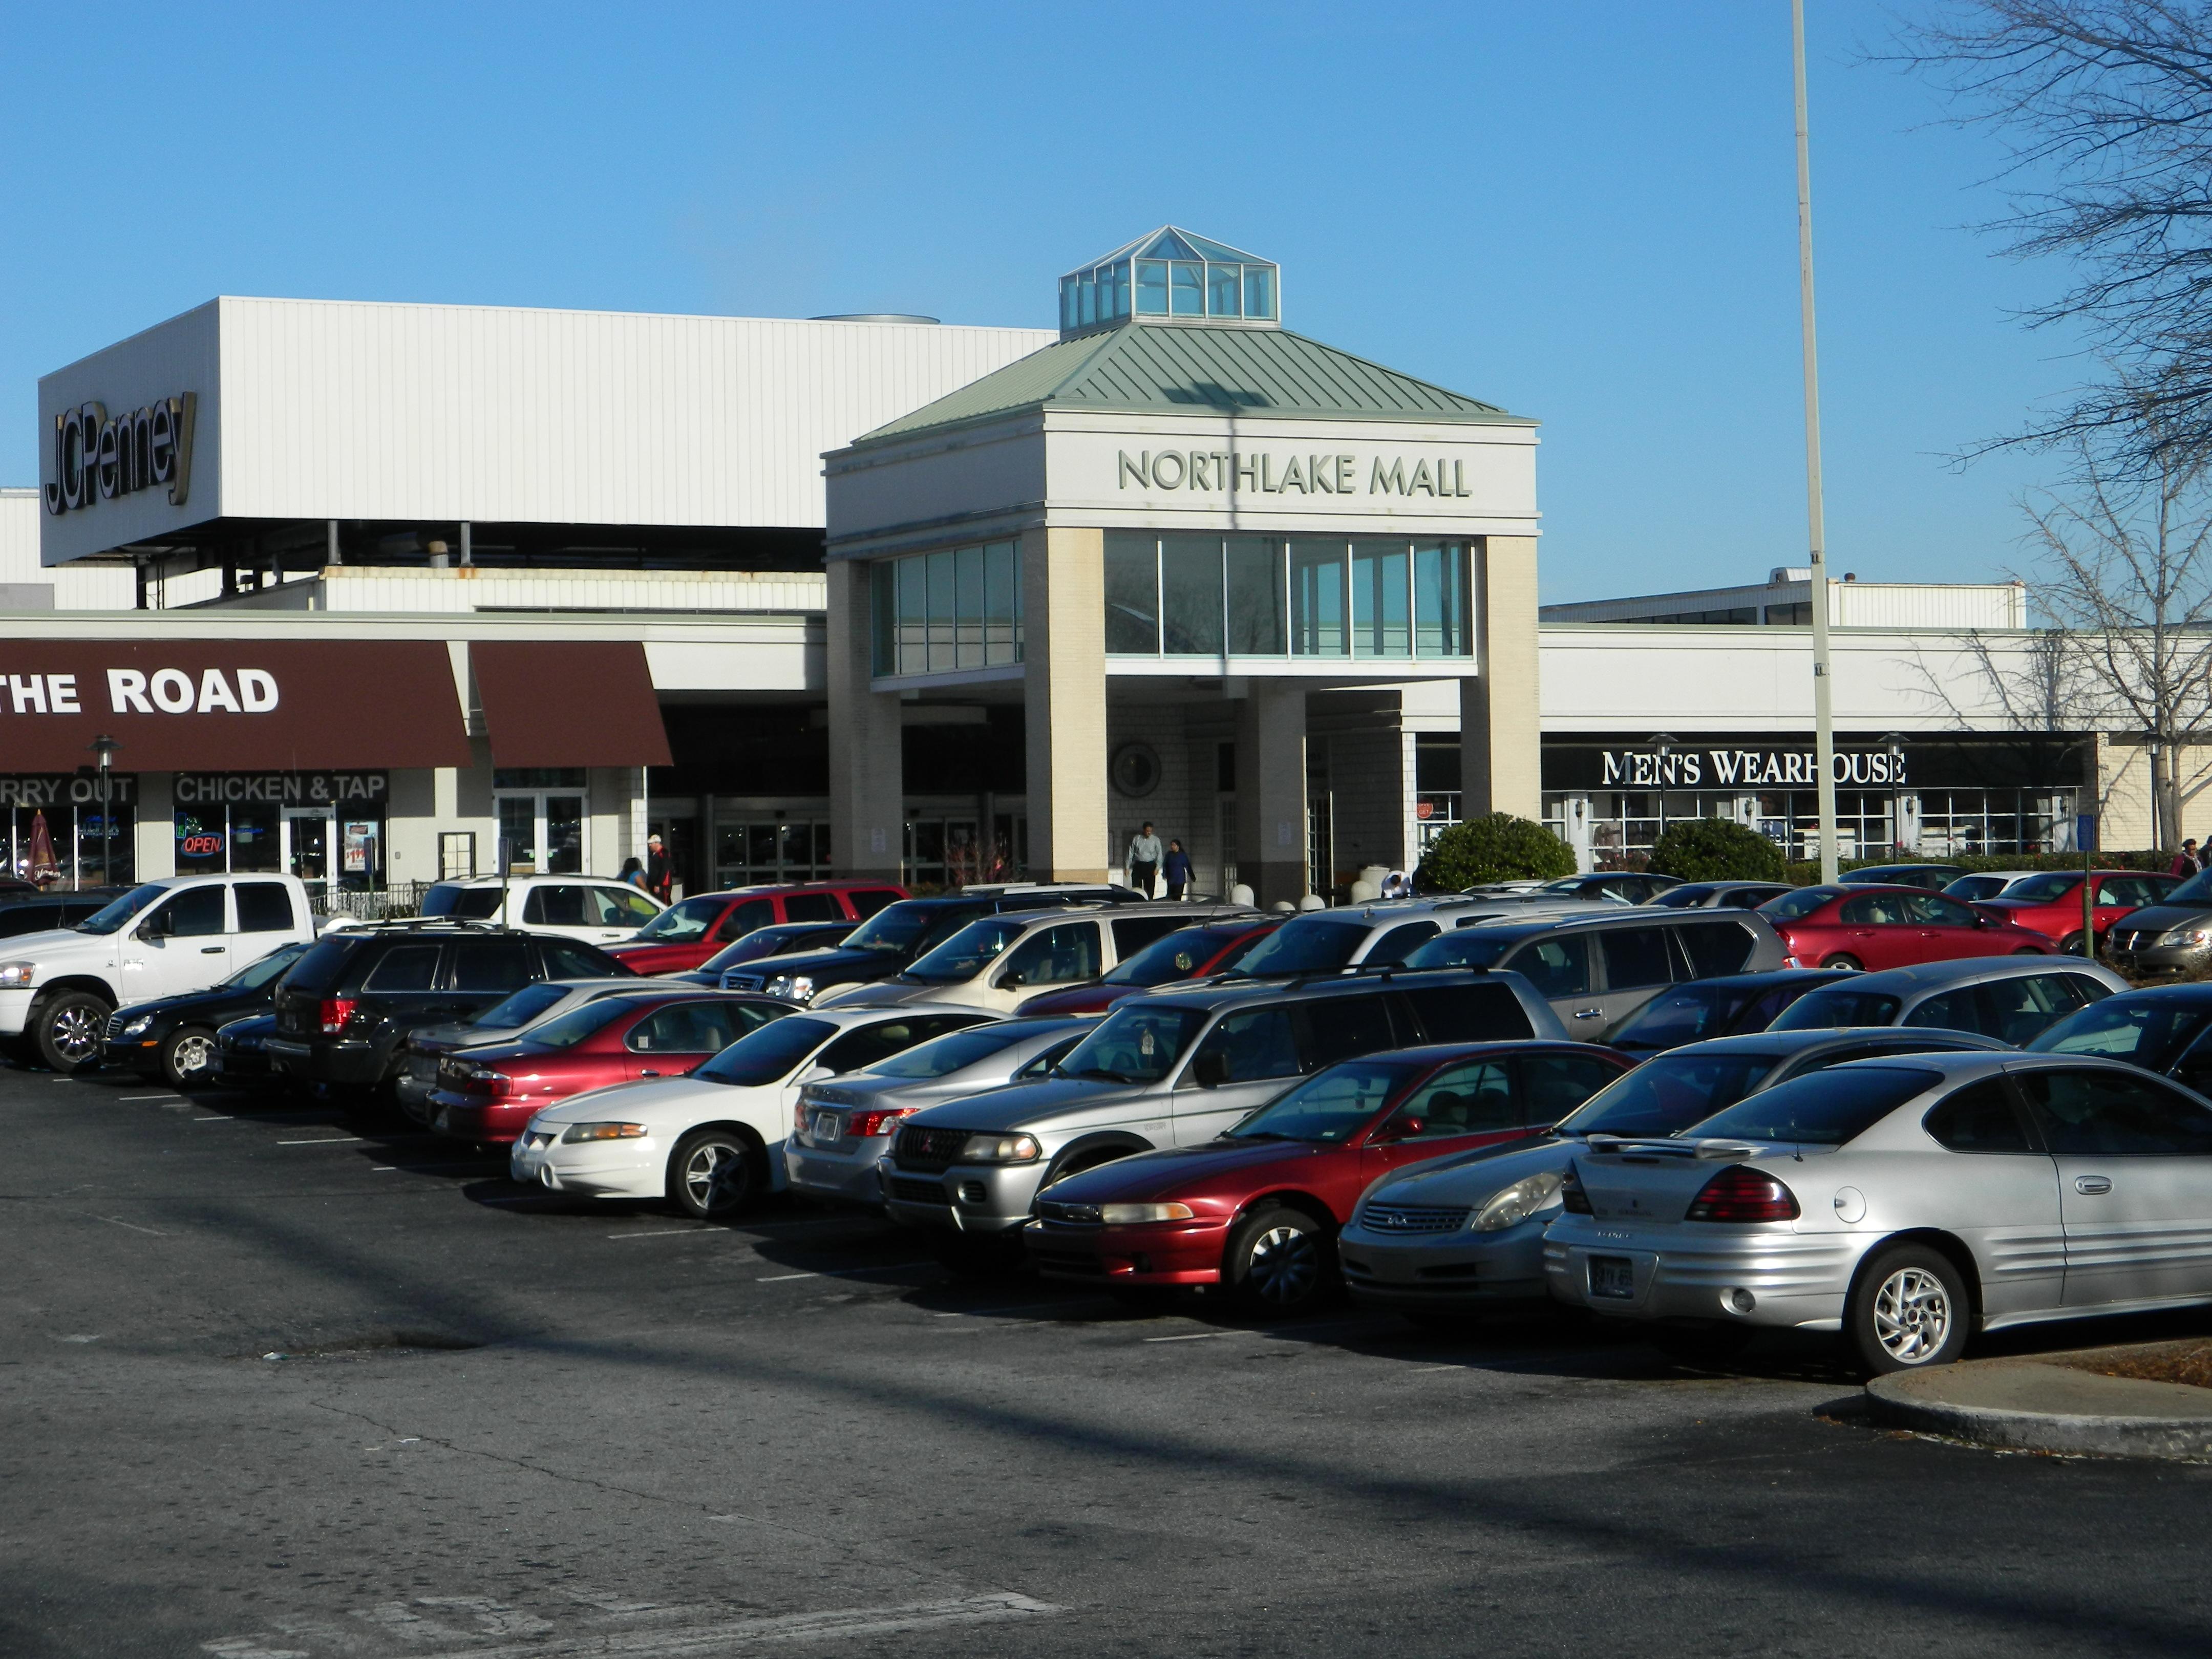 Northlake mall atlanta wikipedia